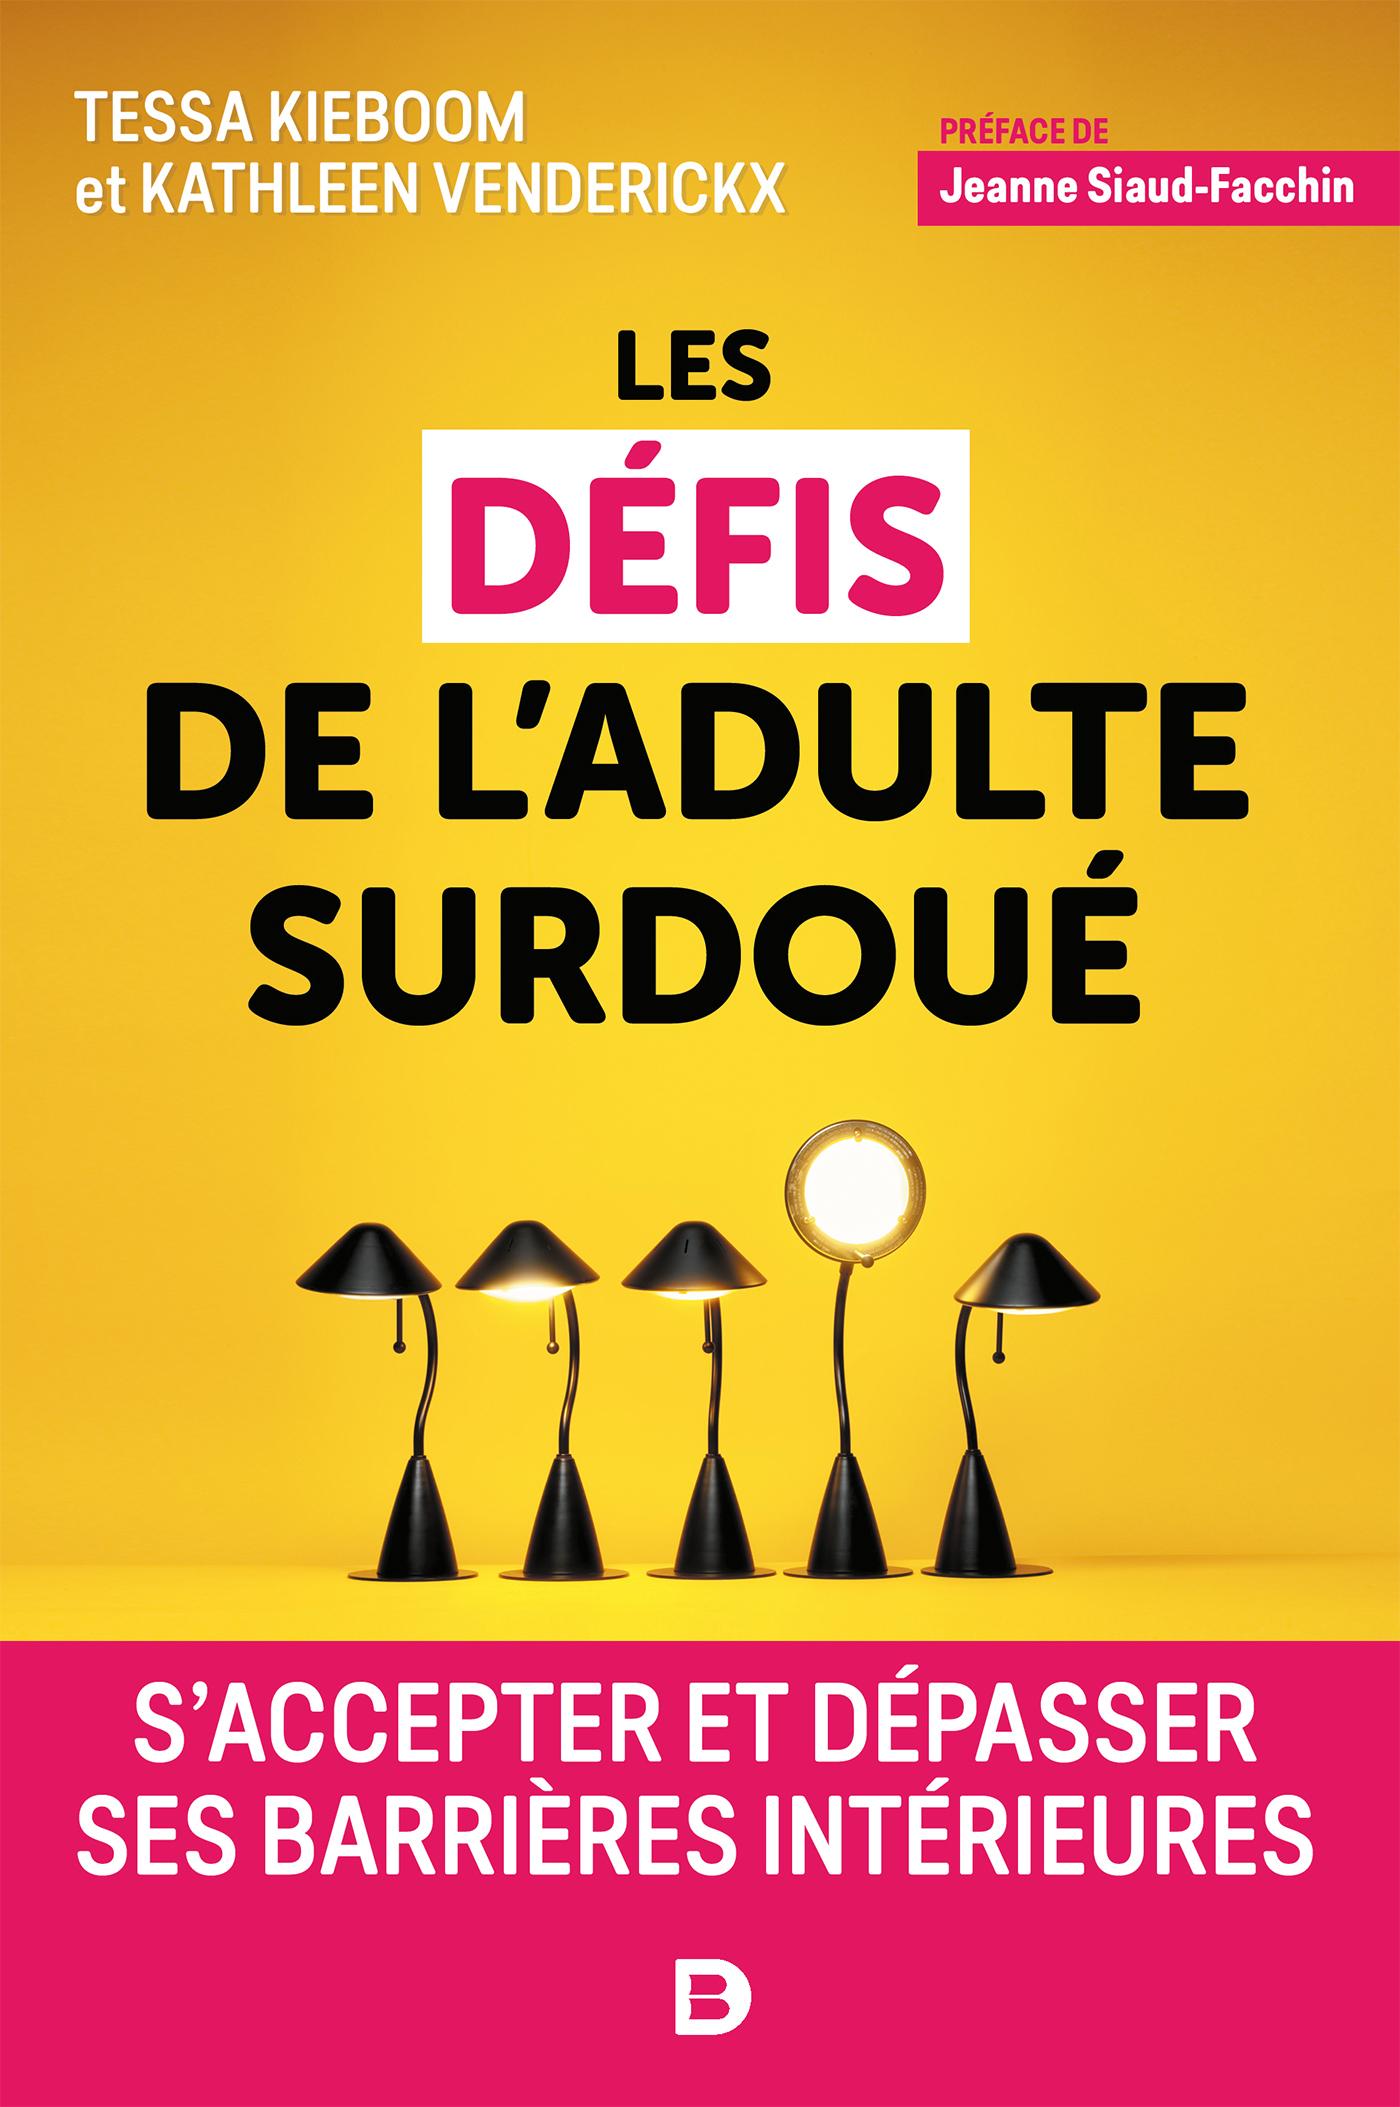 DEFIS DE L'ADULTE SURDOUE (LES)